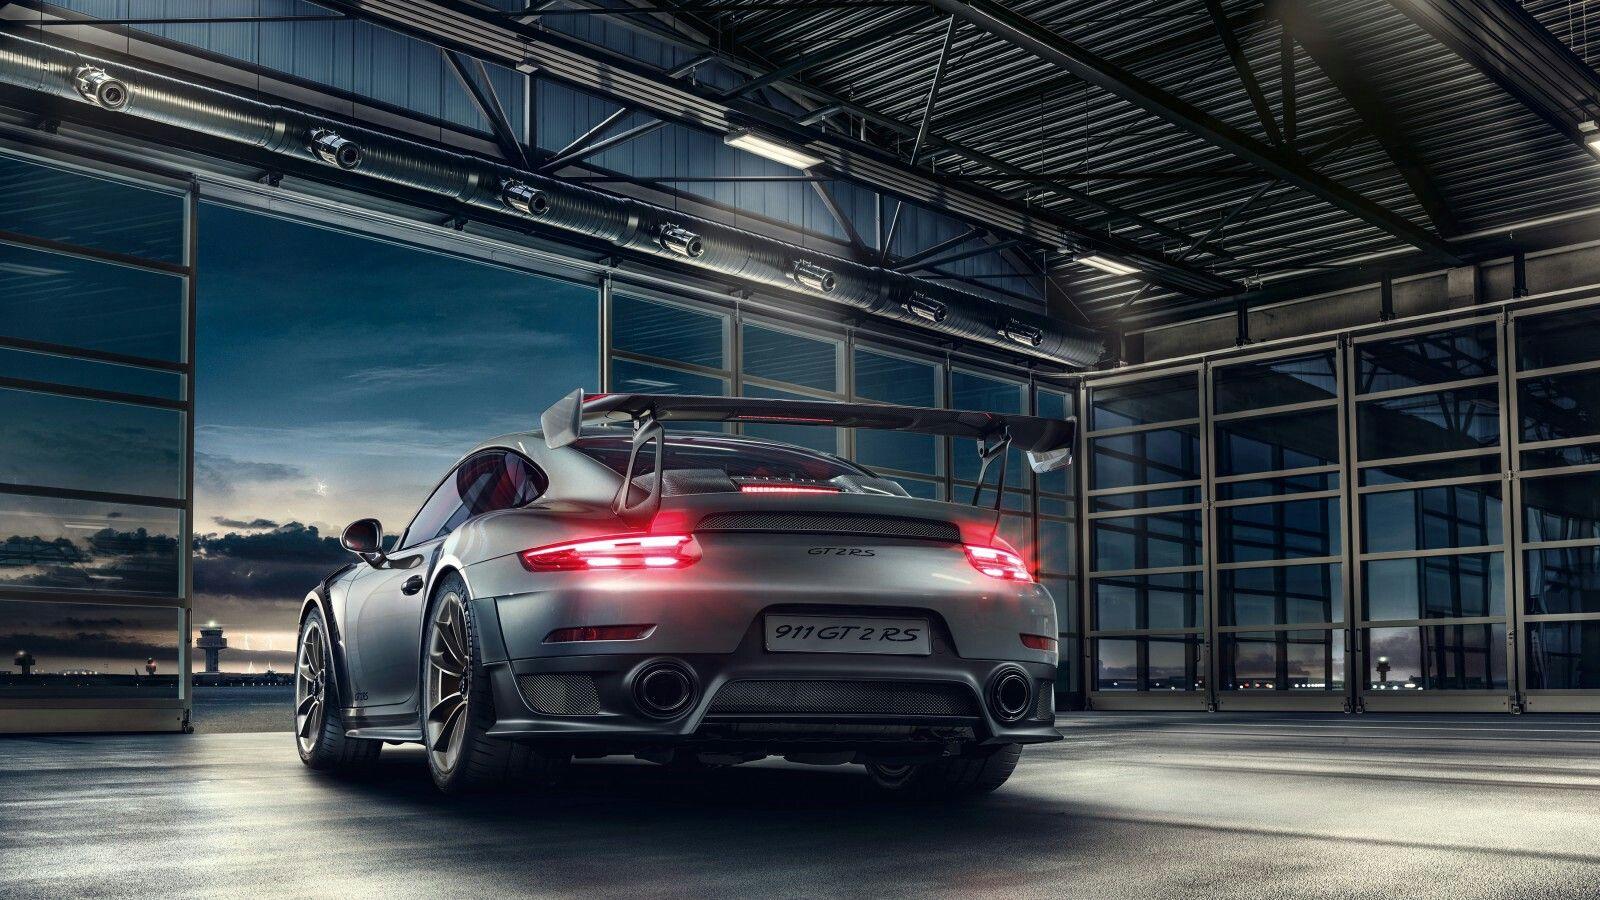 Pin By K2 On Taigr Truo Porsche 911 Gt2 Rs Porsche 911 Gt2 Porsche 911